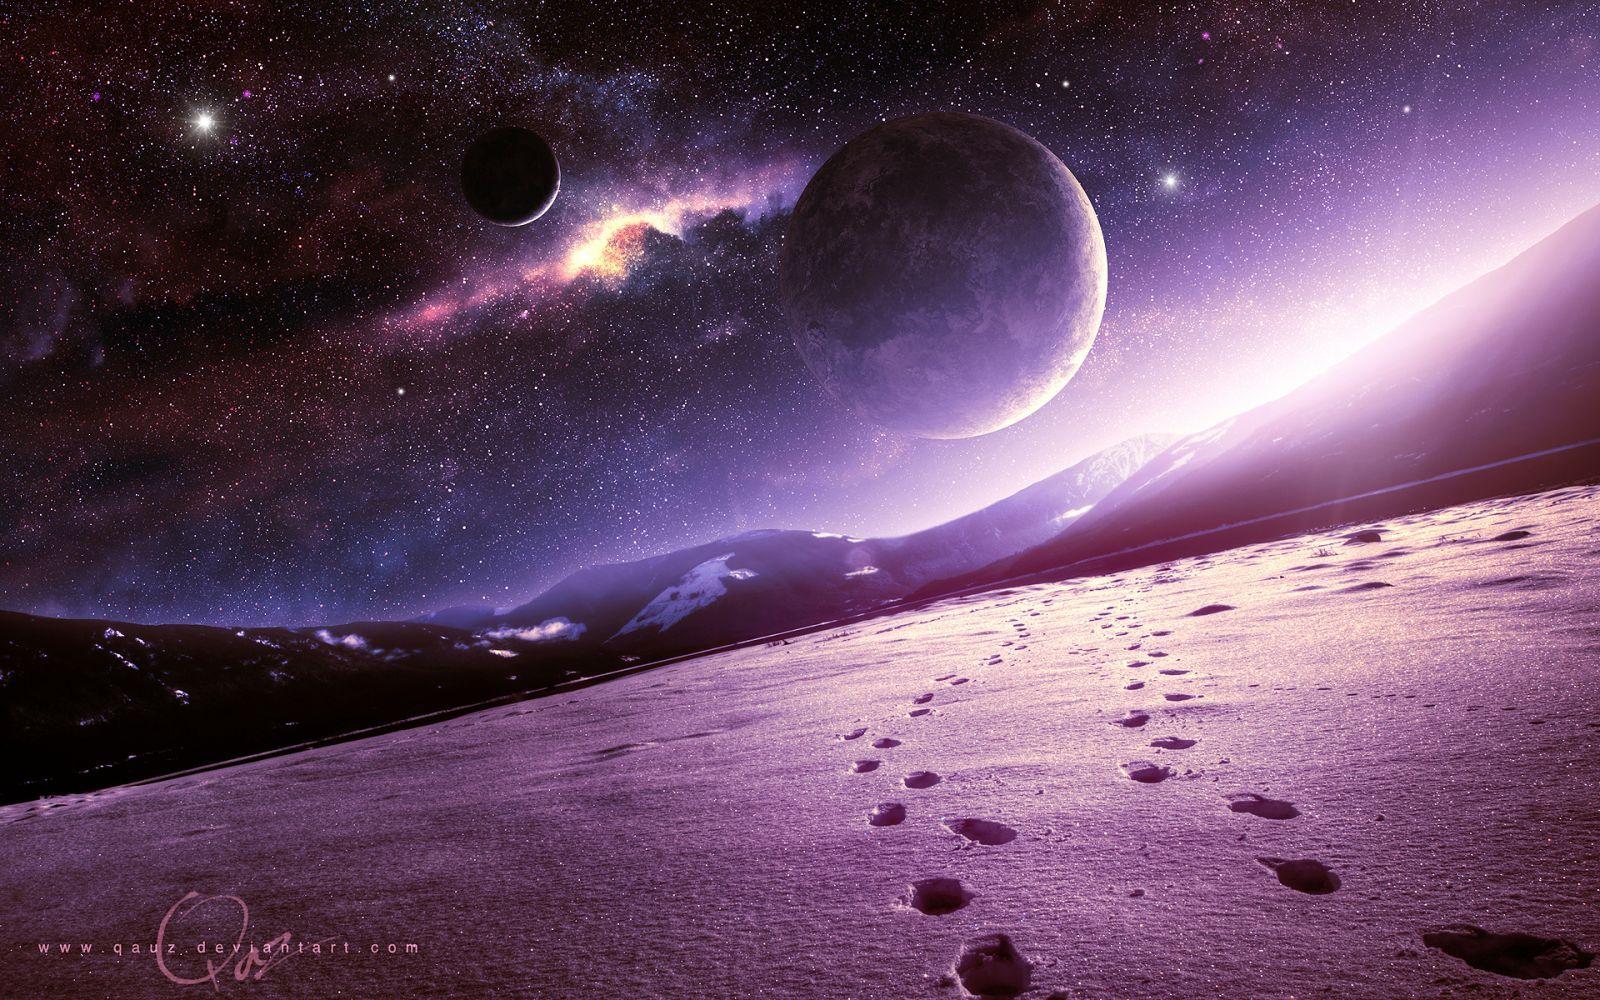 Курбан-байрам, картинки небо звезды планеты